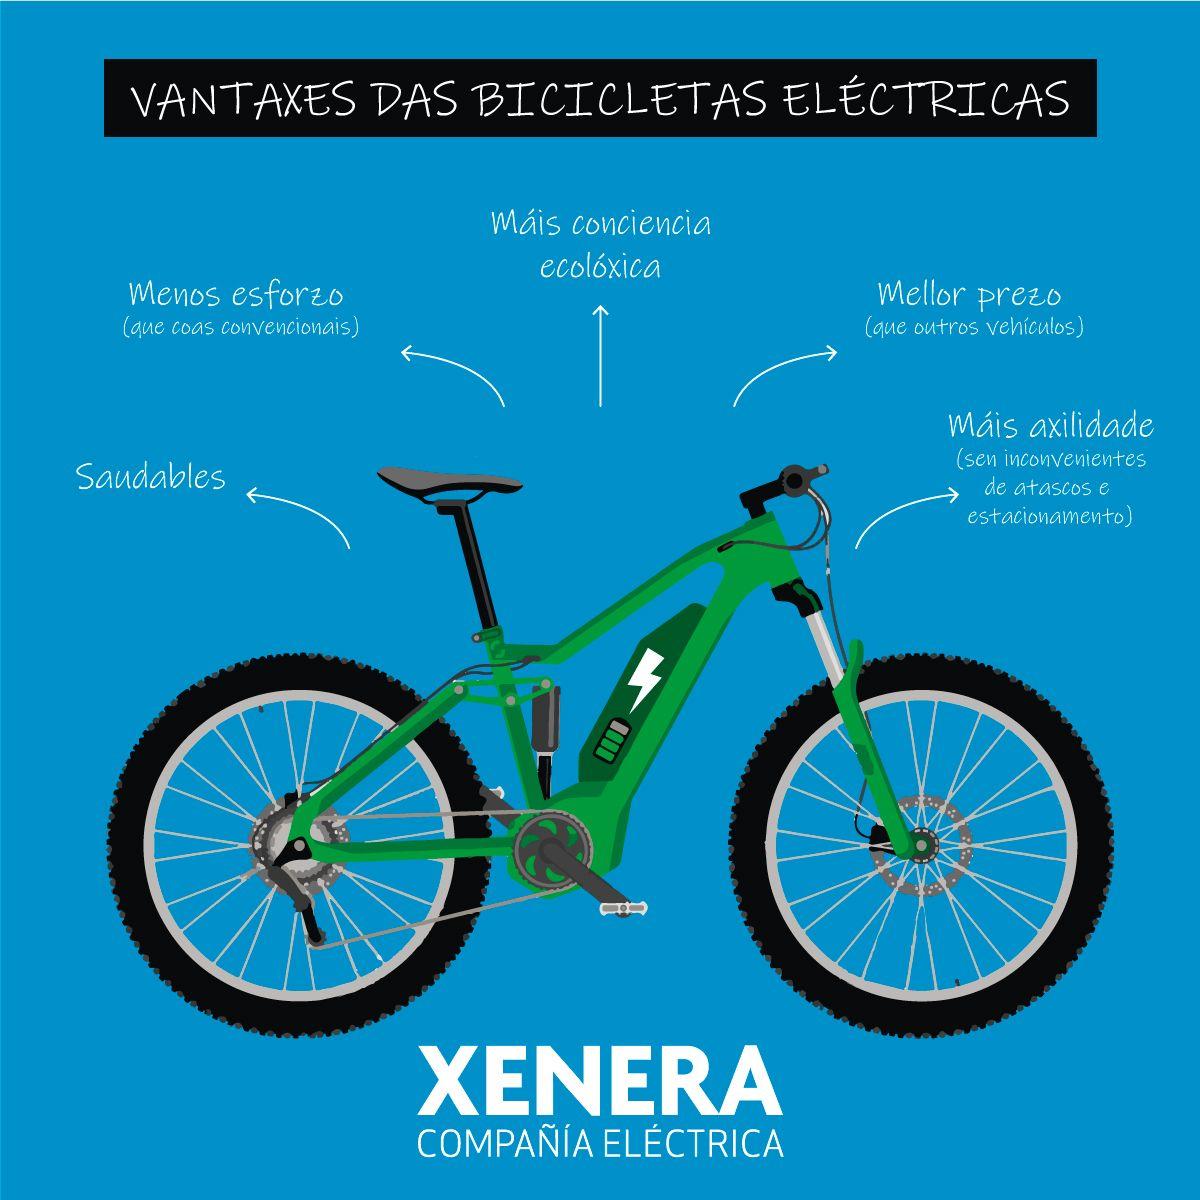 Vantaxes das bicicletas eléctricas